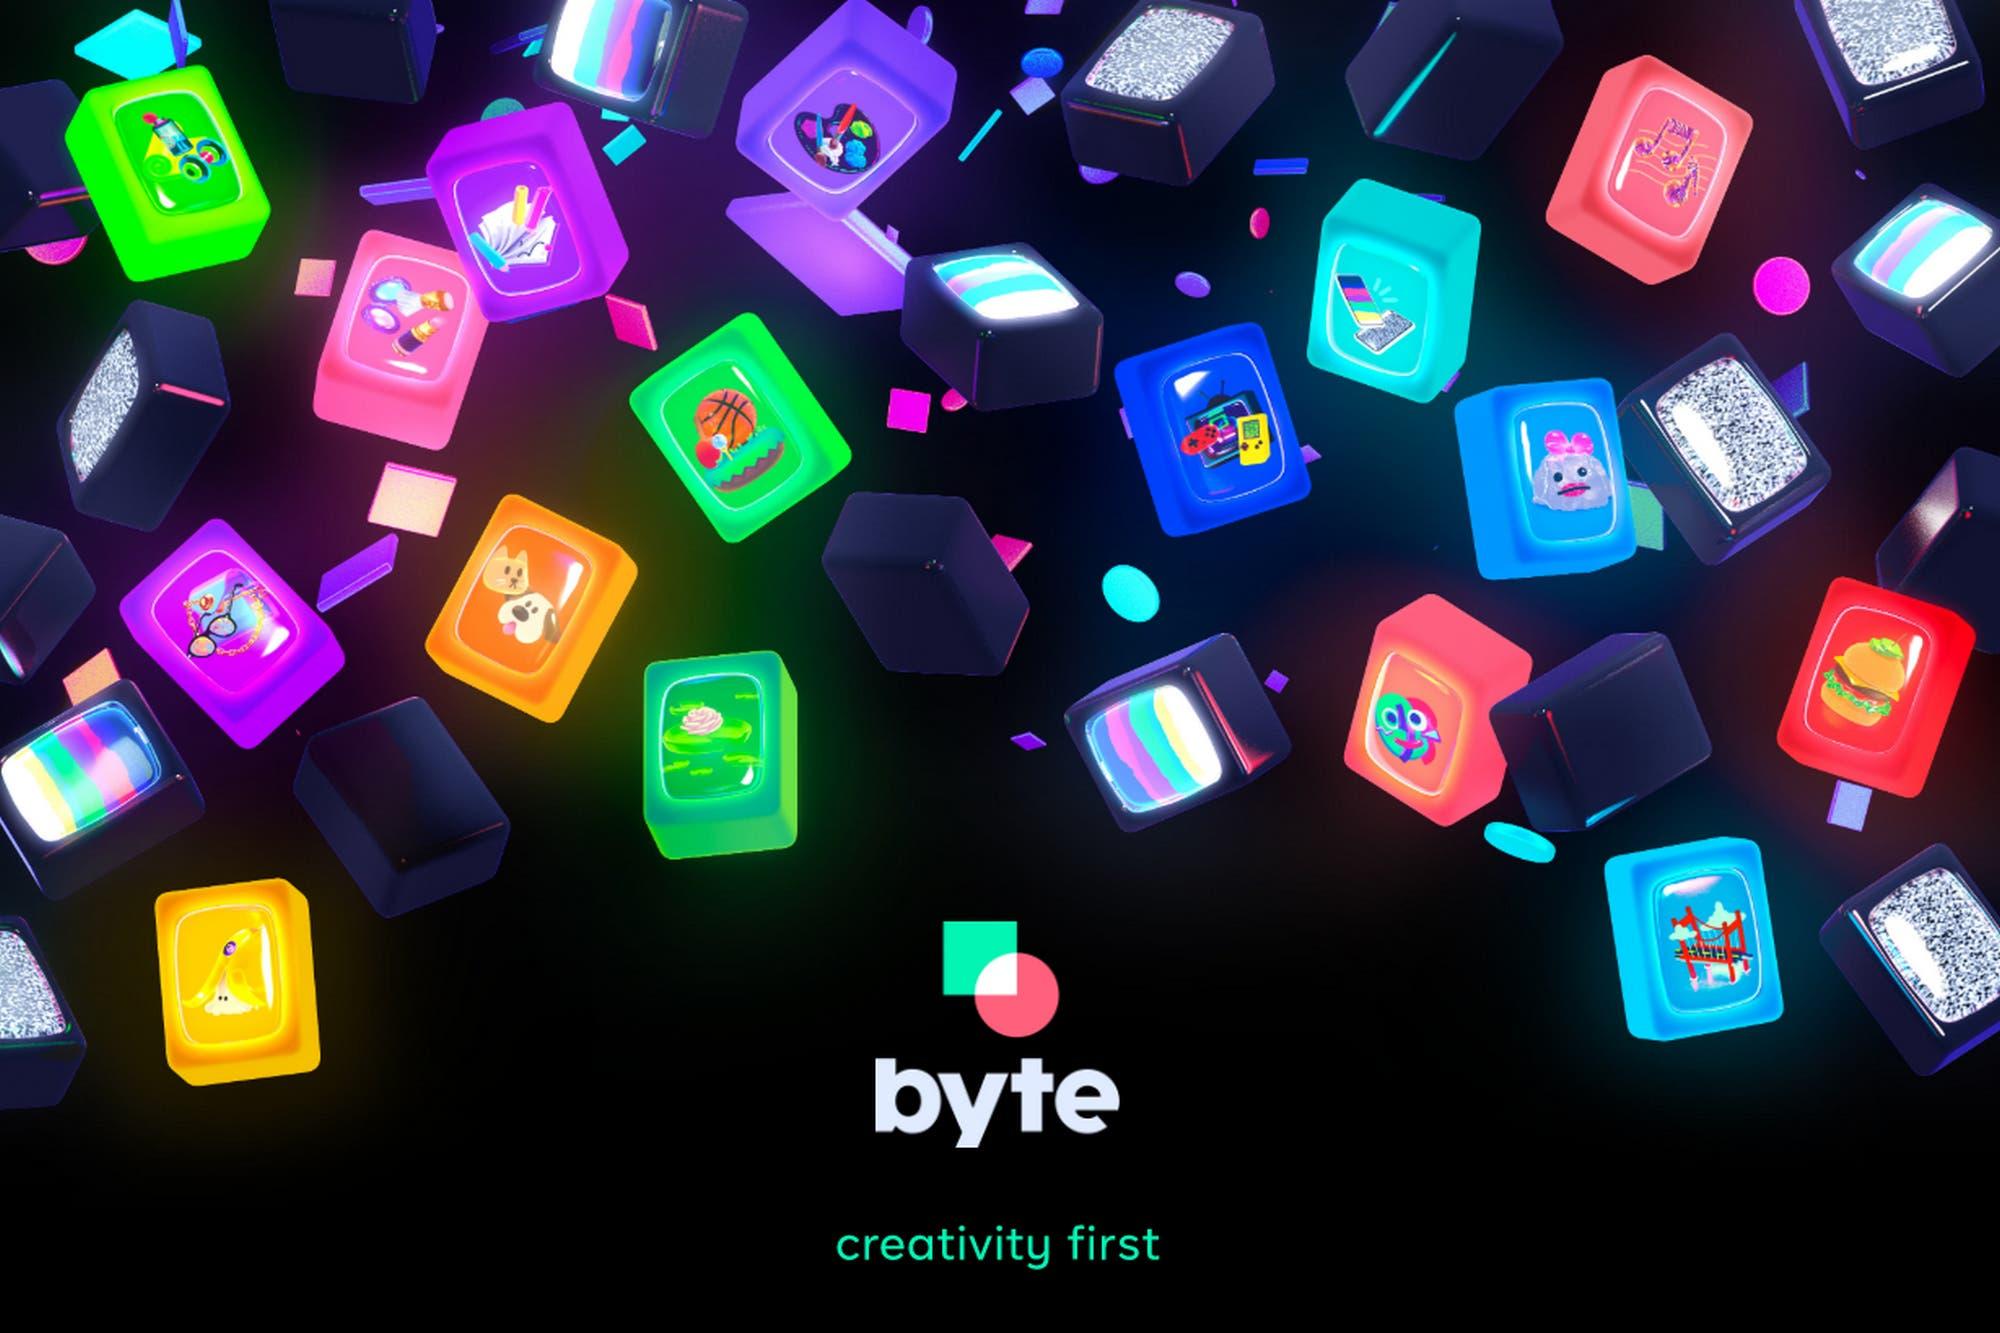 Así es Byte, la nueva app de videos de 6 segundos de duración del creador de Vine